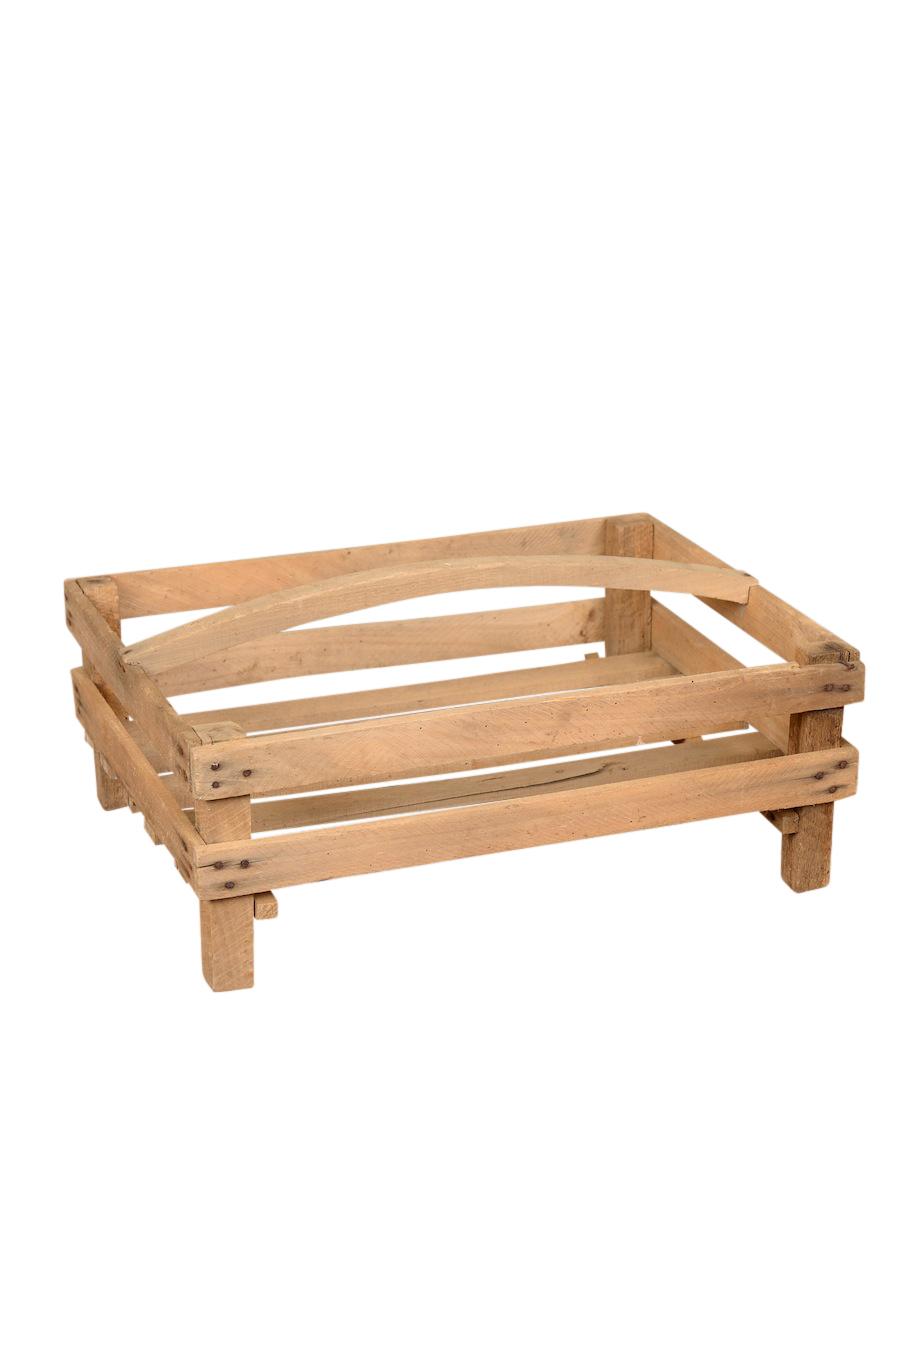 Kipling Crates